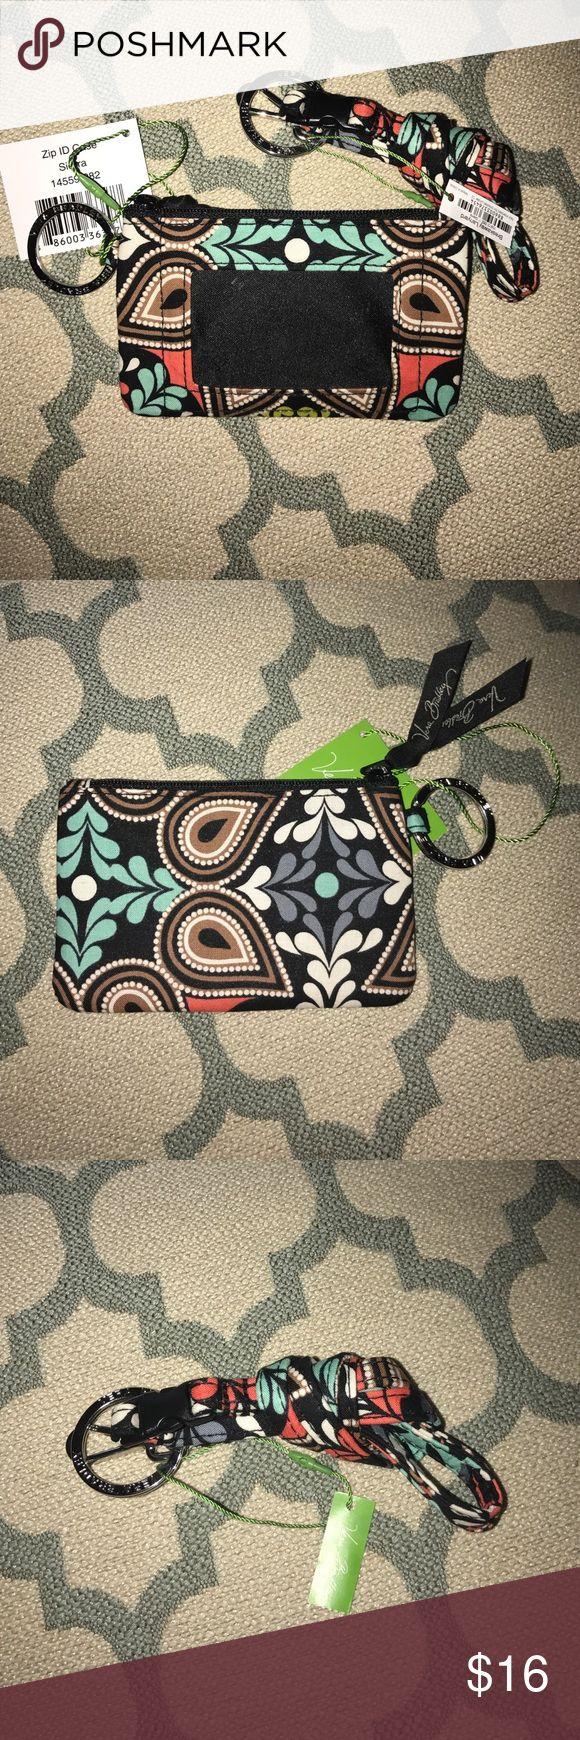 BNWT Vera Bradley Zip ID and Lanyard in Sierra BNWT Vera Bradley Zip ID and Lanyard in Sierra Vera Bradley Bags Wallets